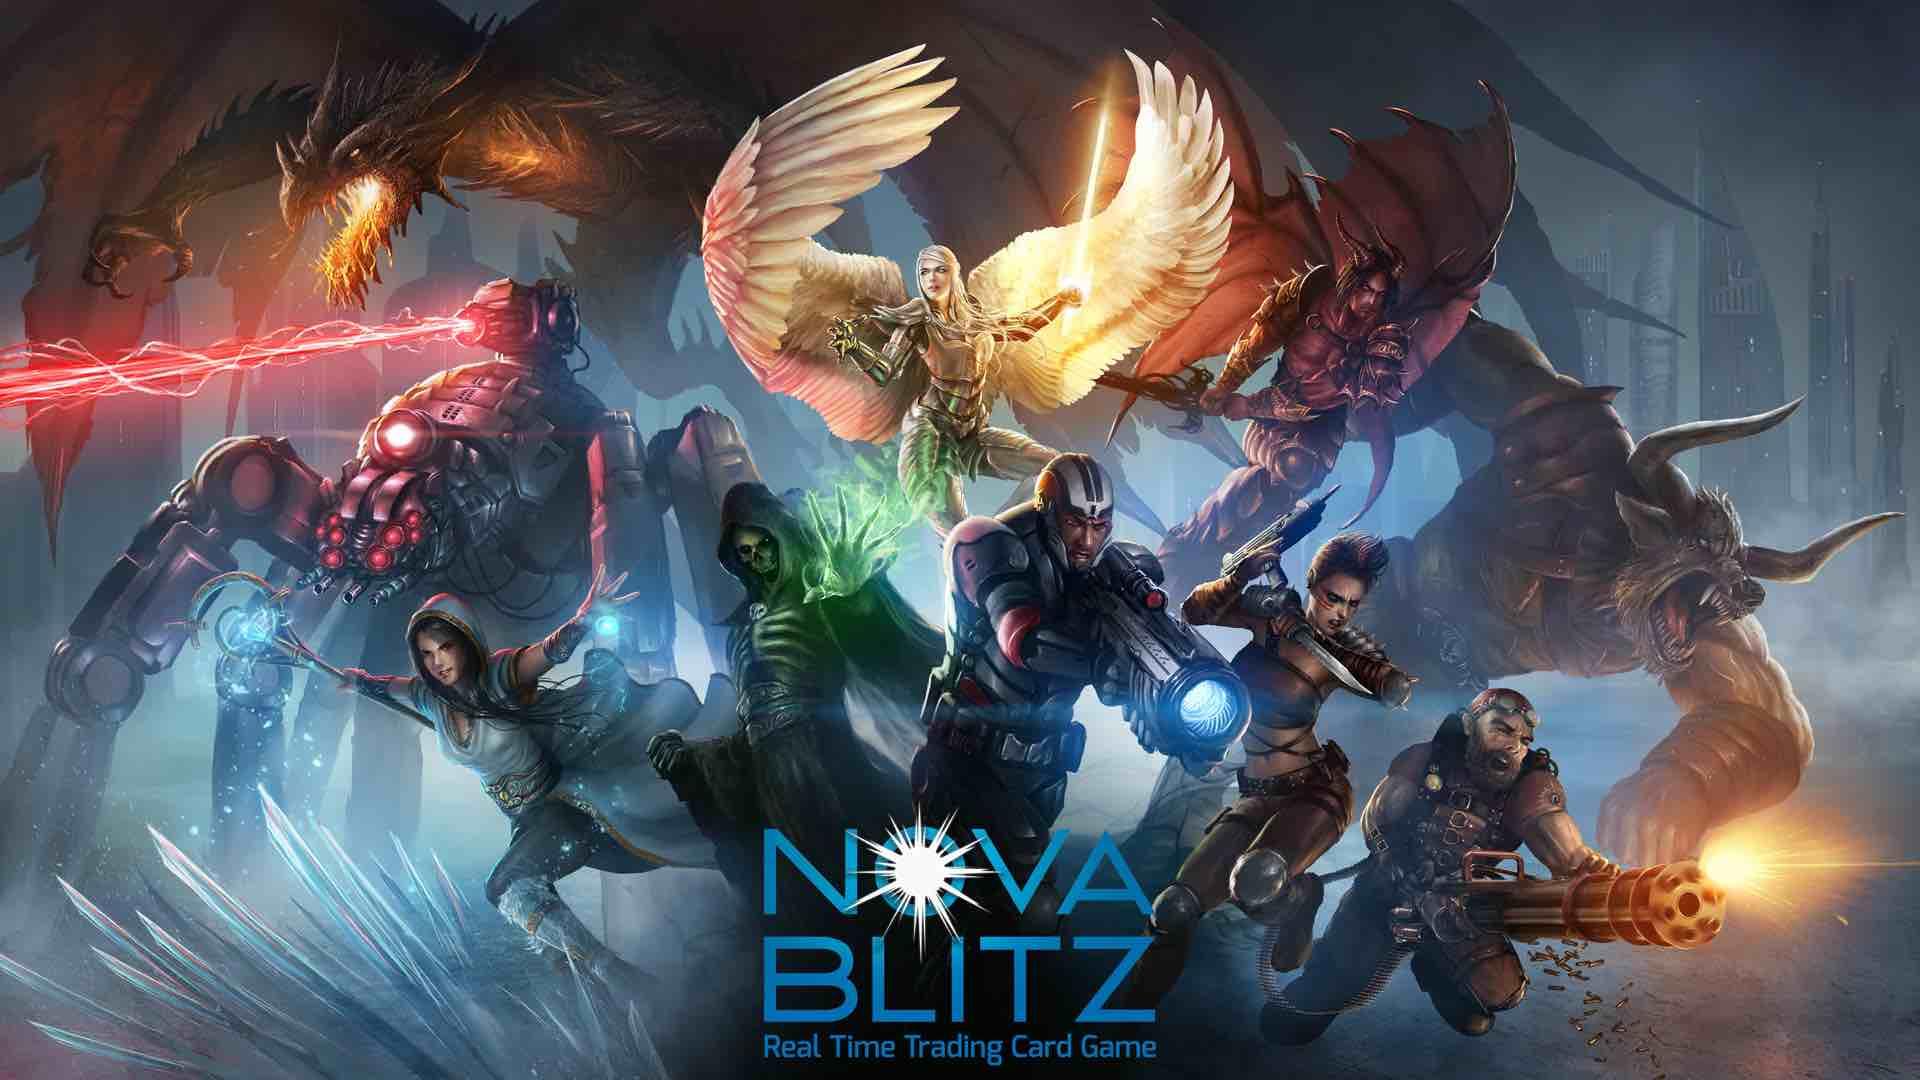 21. Nova Blitz for Windows 10 PC 1